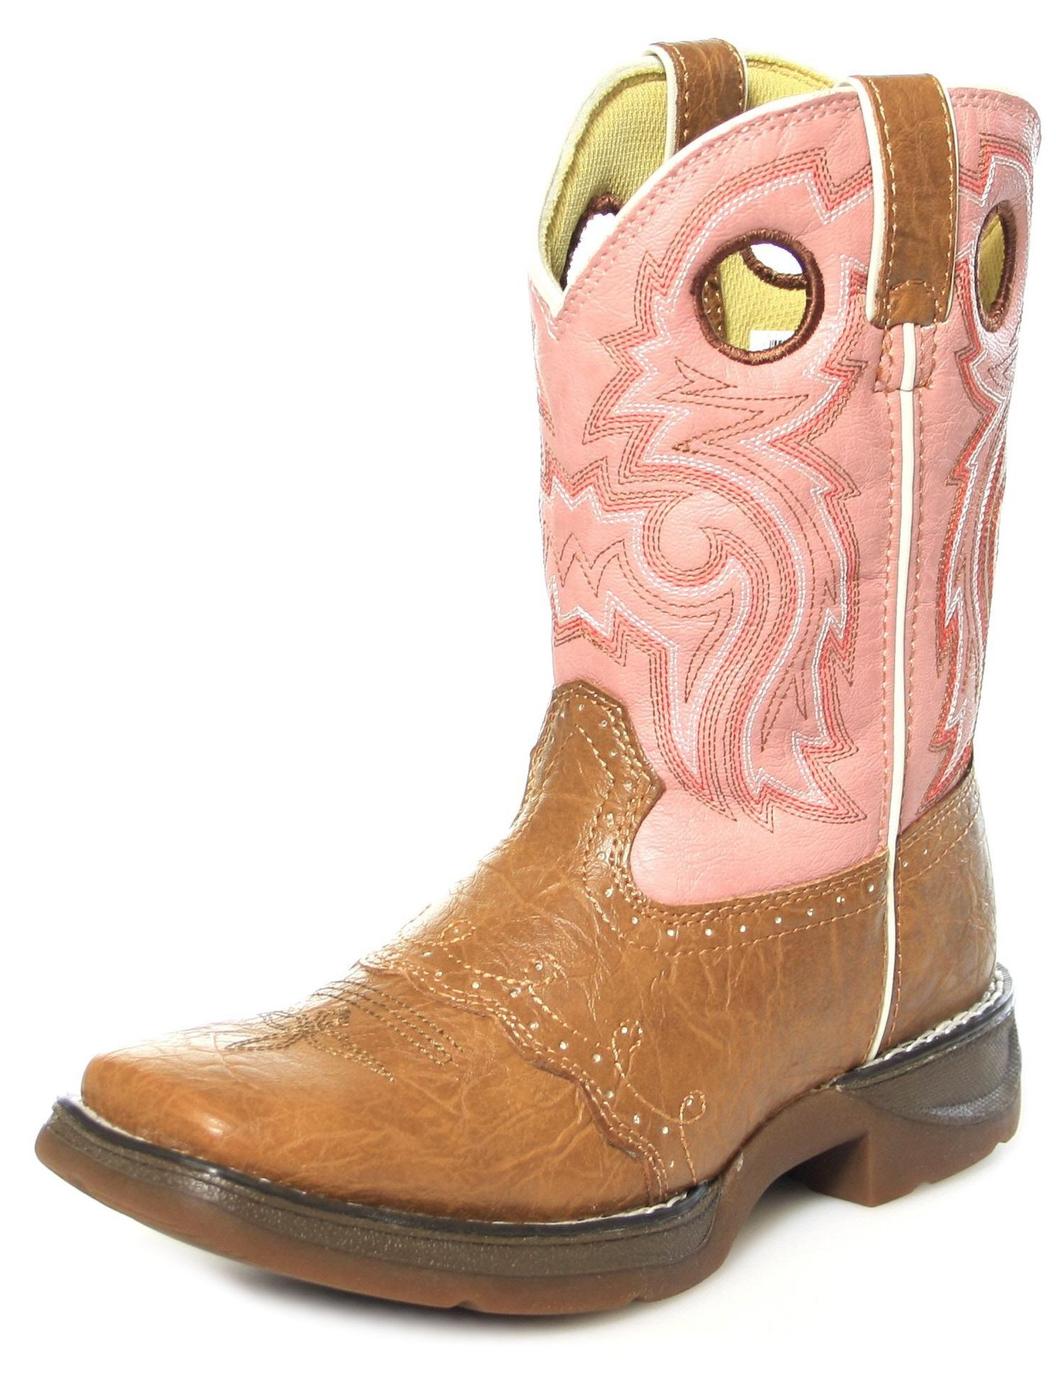 Durango Boots BT287/387 SADDLE Kinder Westernreitstiefel - braun rosa